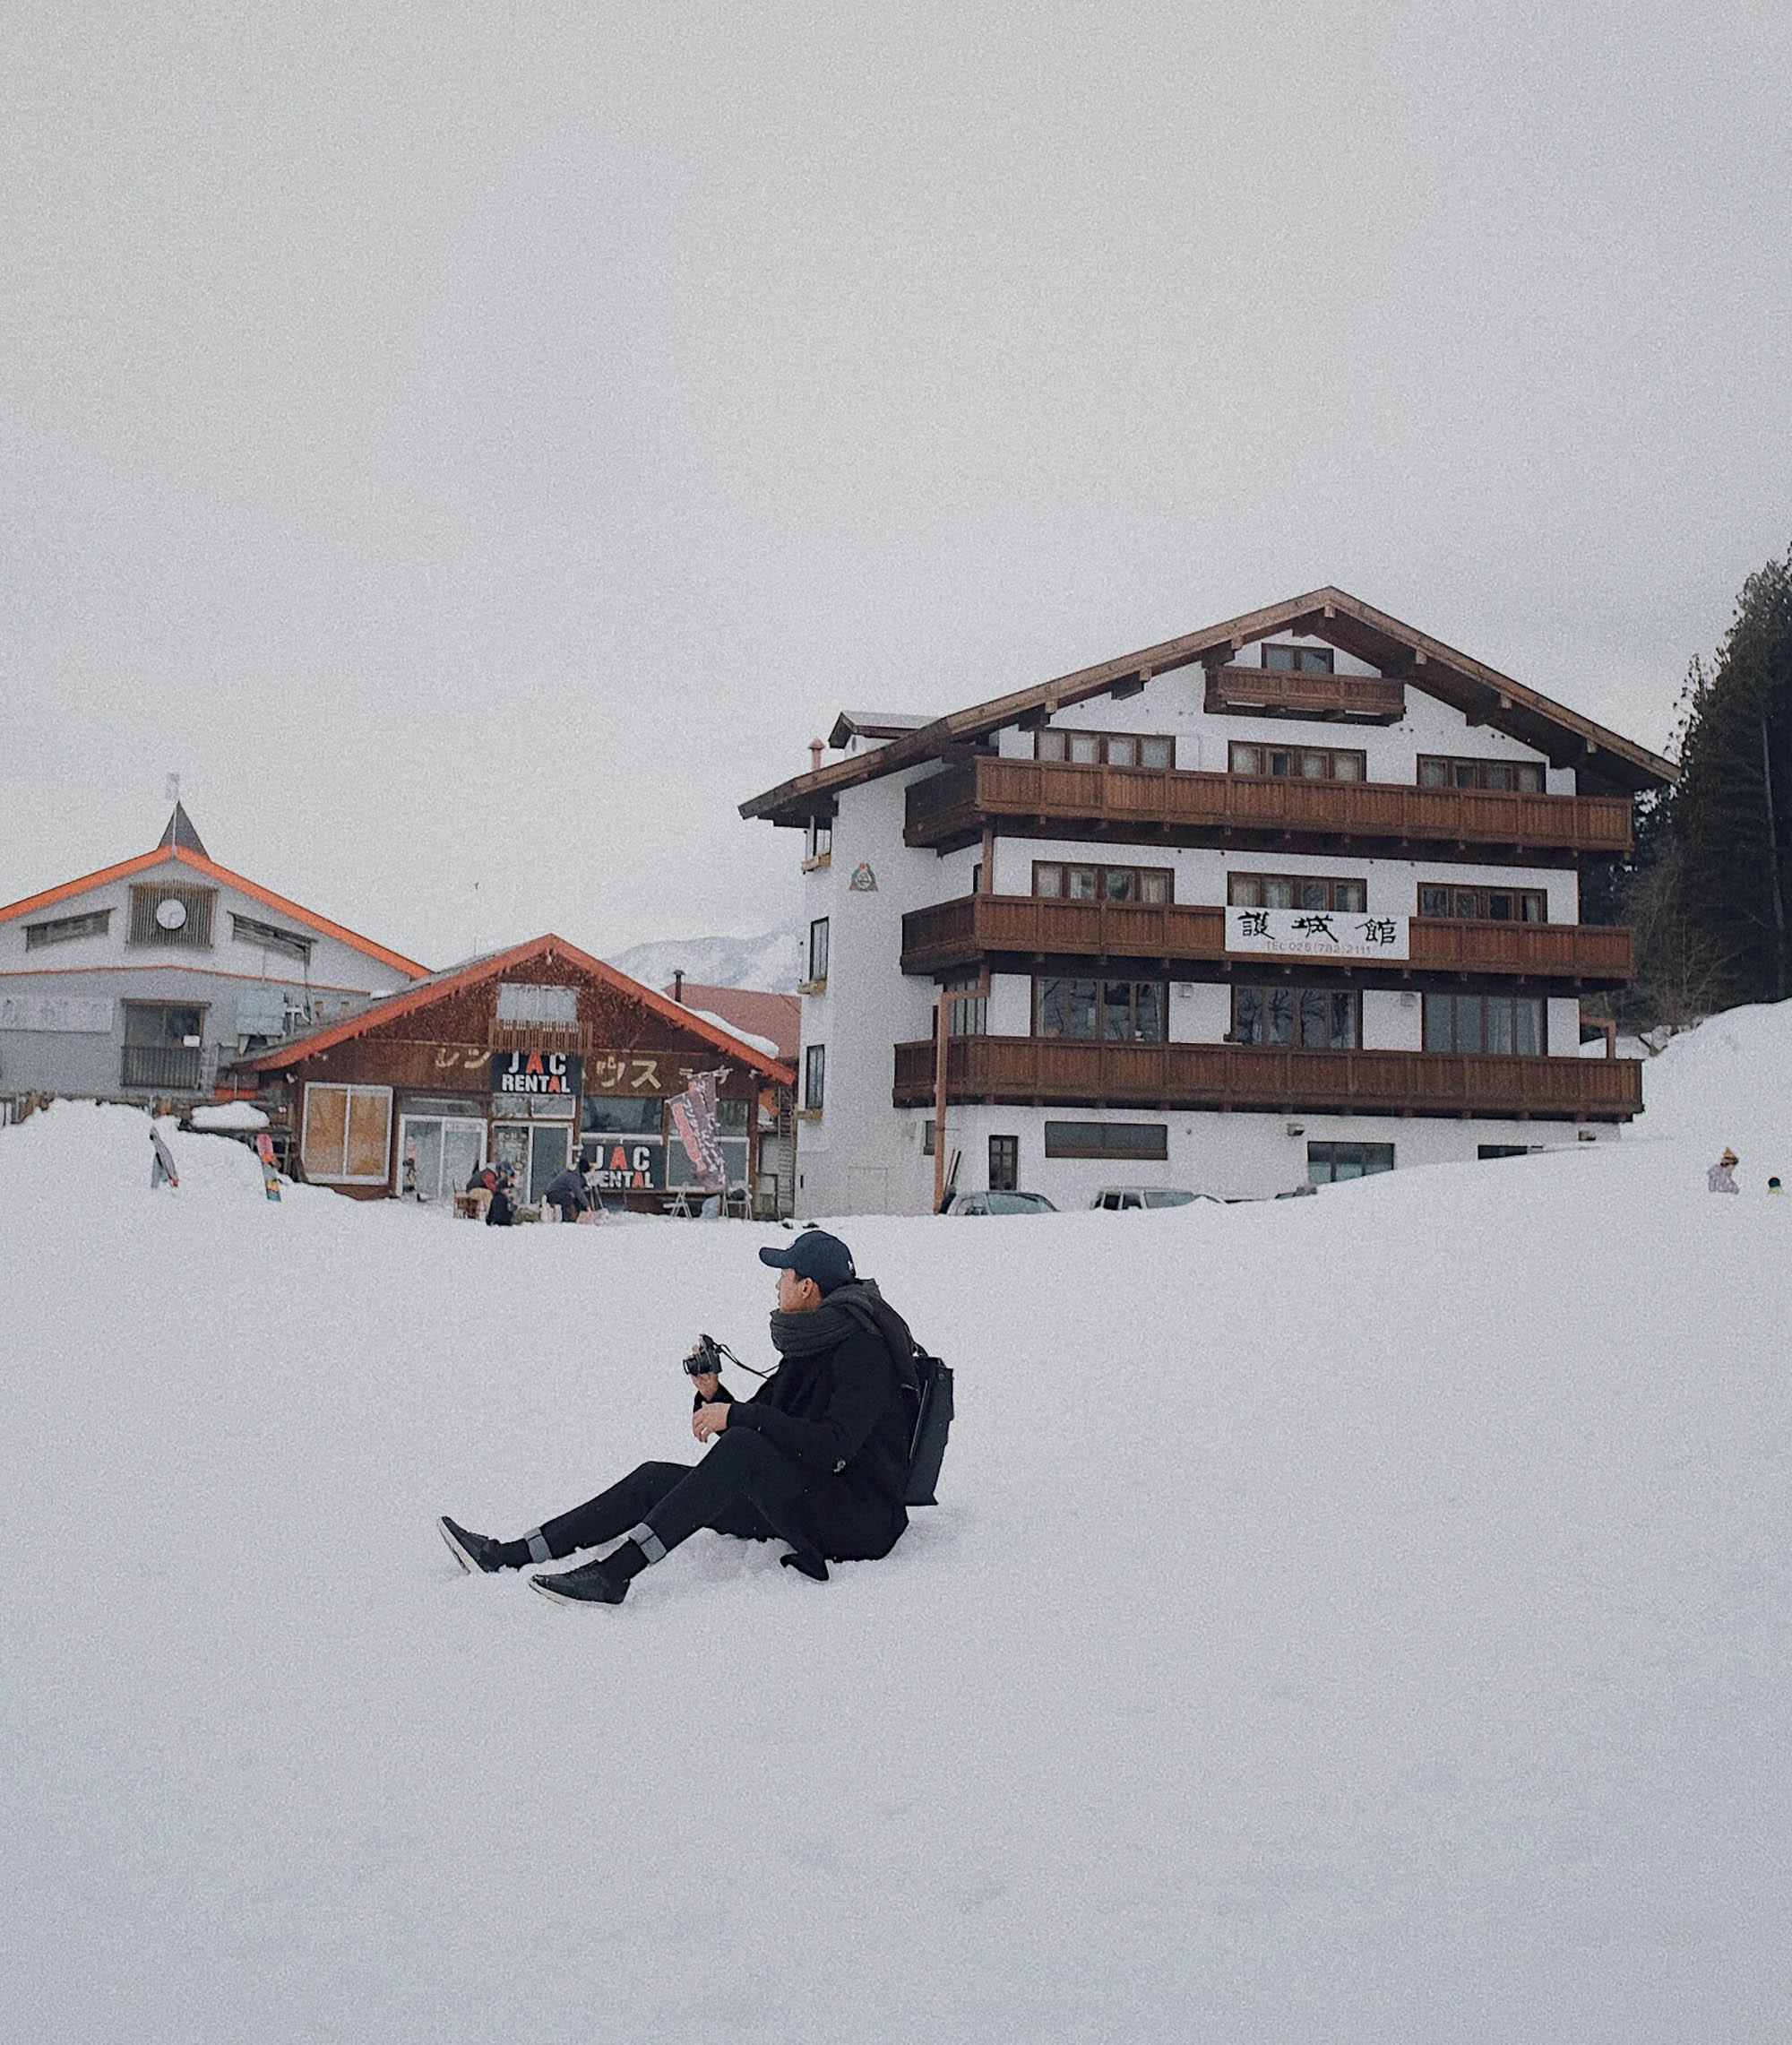 quà Giáng Sinh Quang Đại ngồi trên tuyết